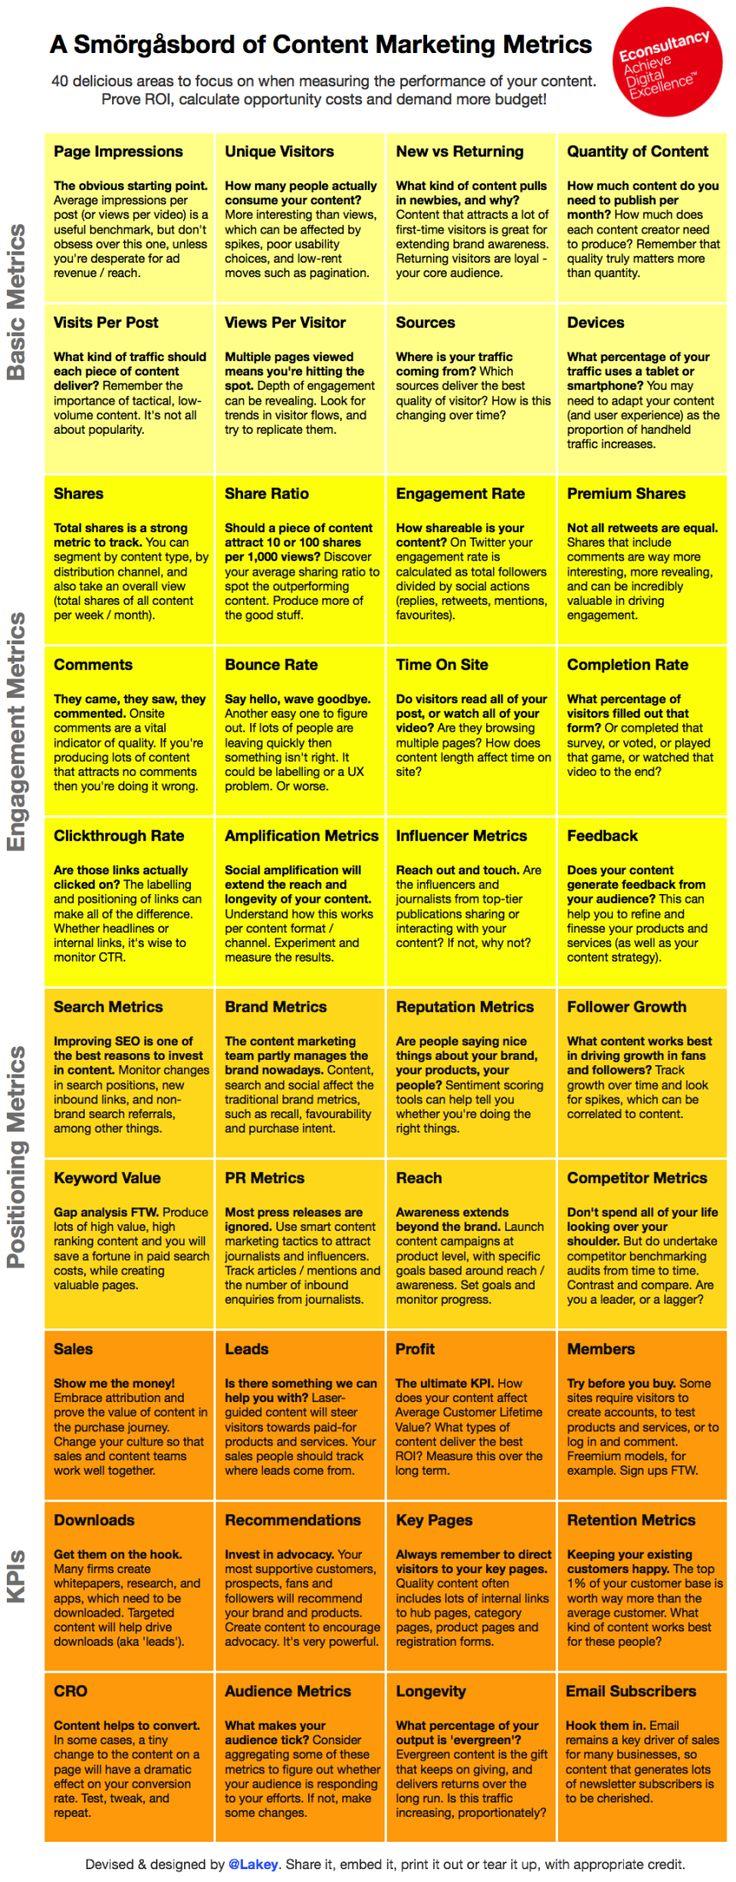 40 métricas para Marketing de contenido #infografia #infographic #marketing